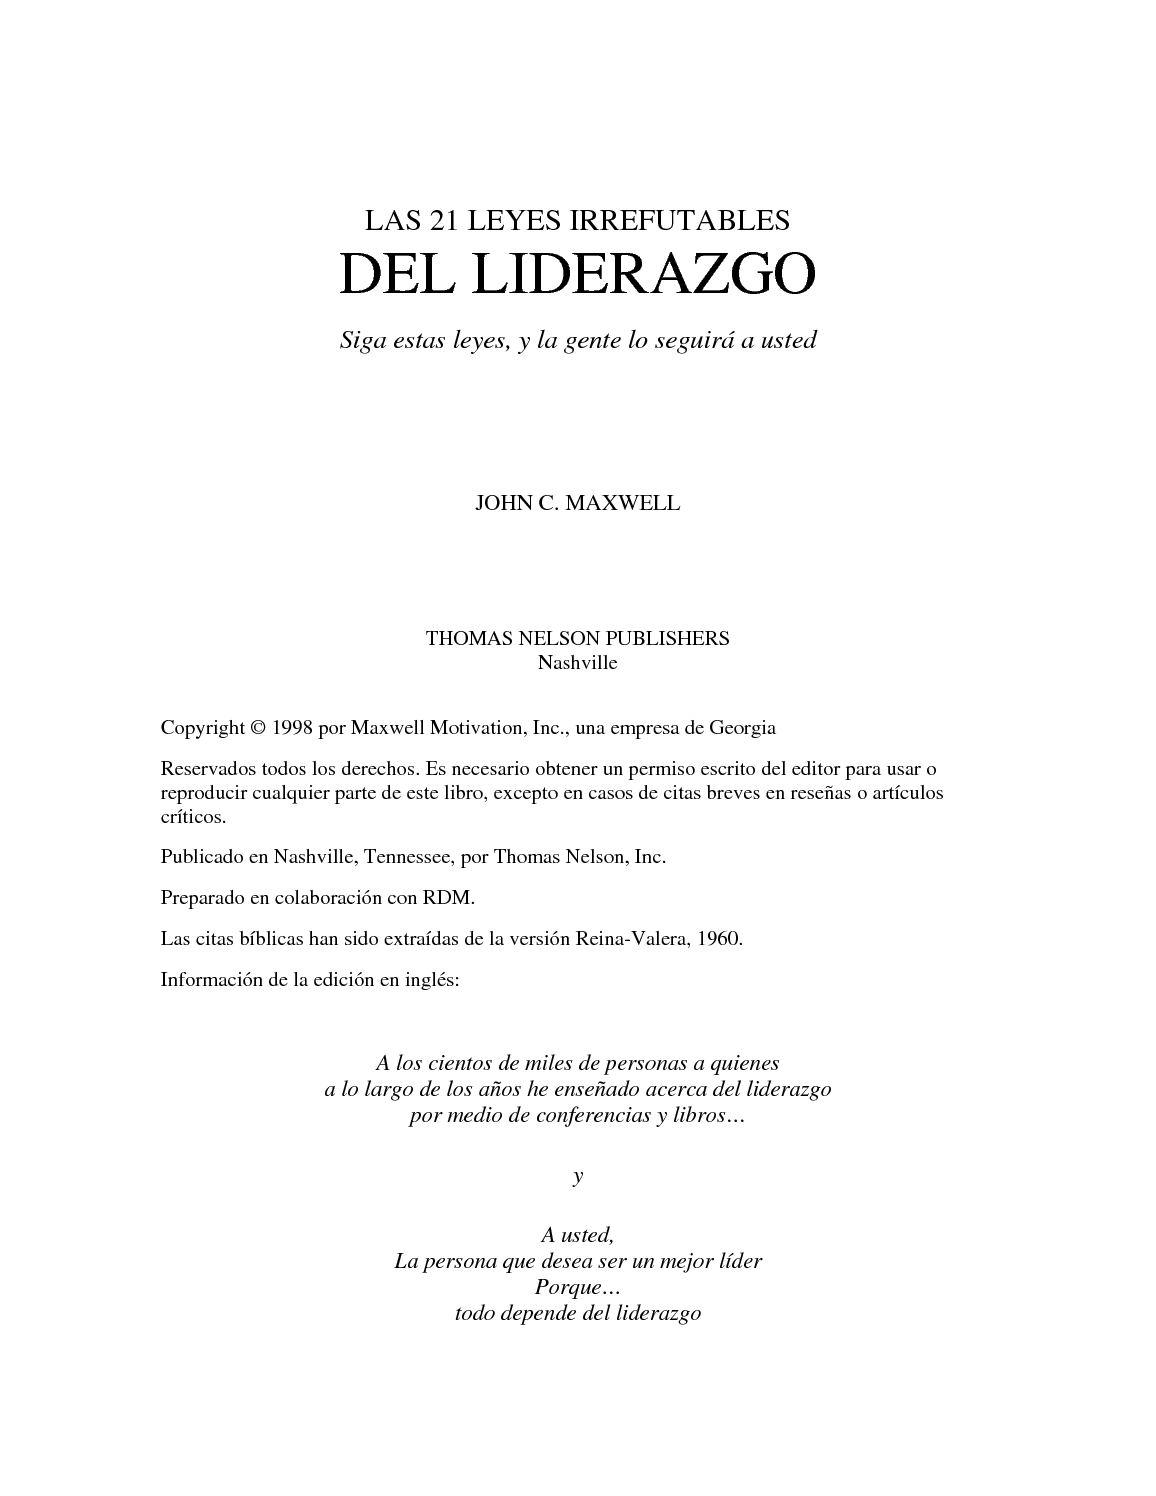 Calaméo - Las 21 Leyes Irrefutables Del Liderazgo 1 (1) 57637cc622c8